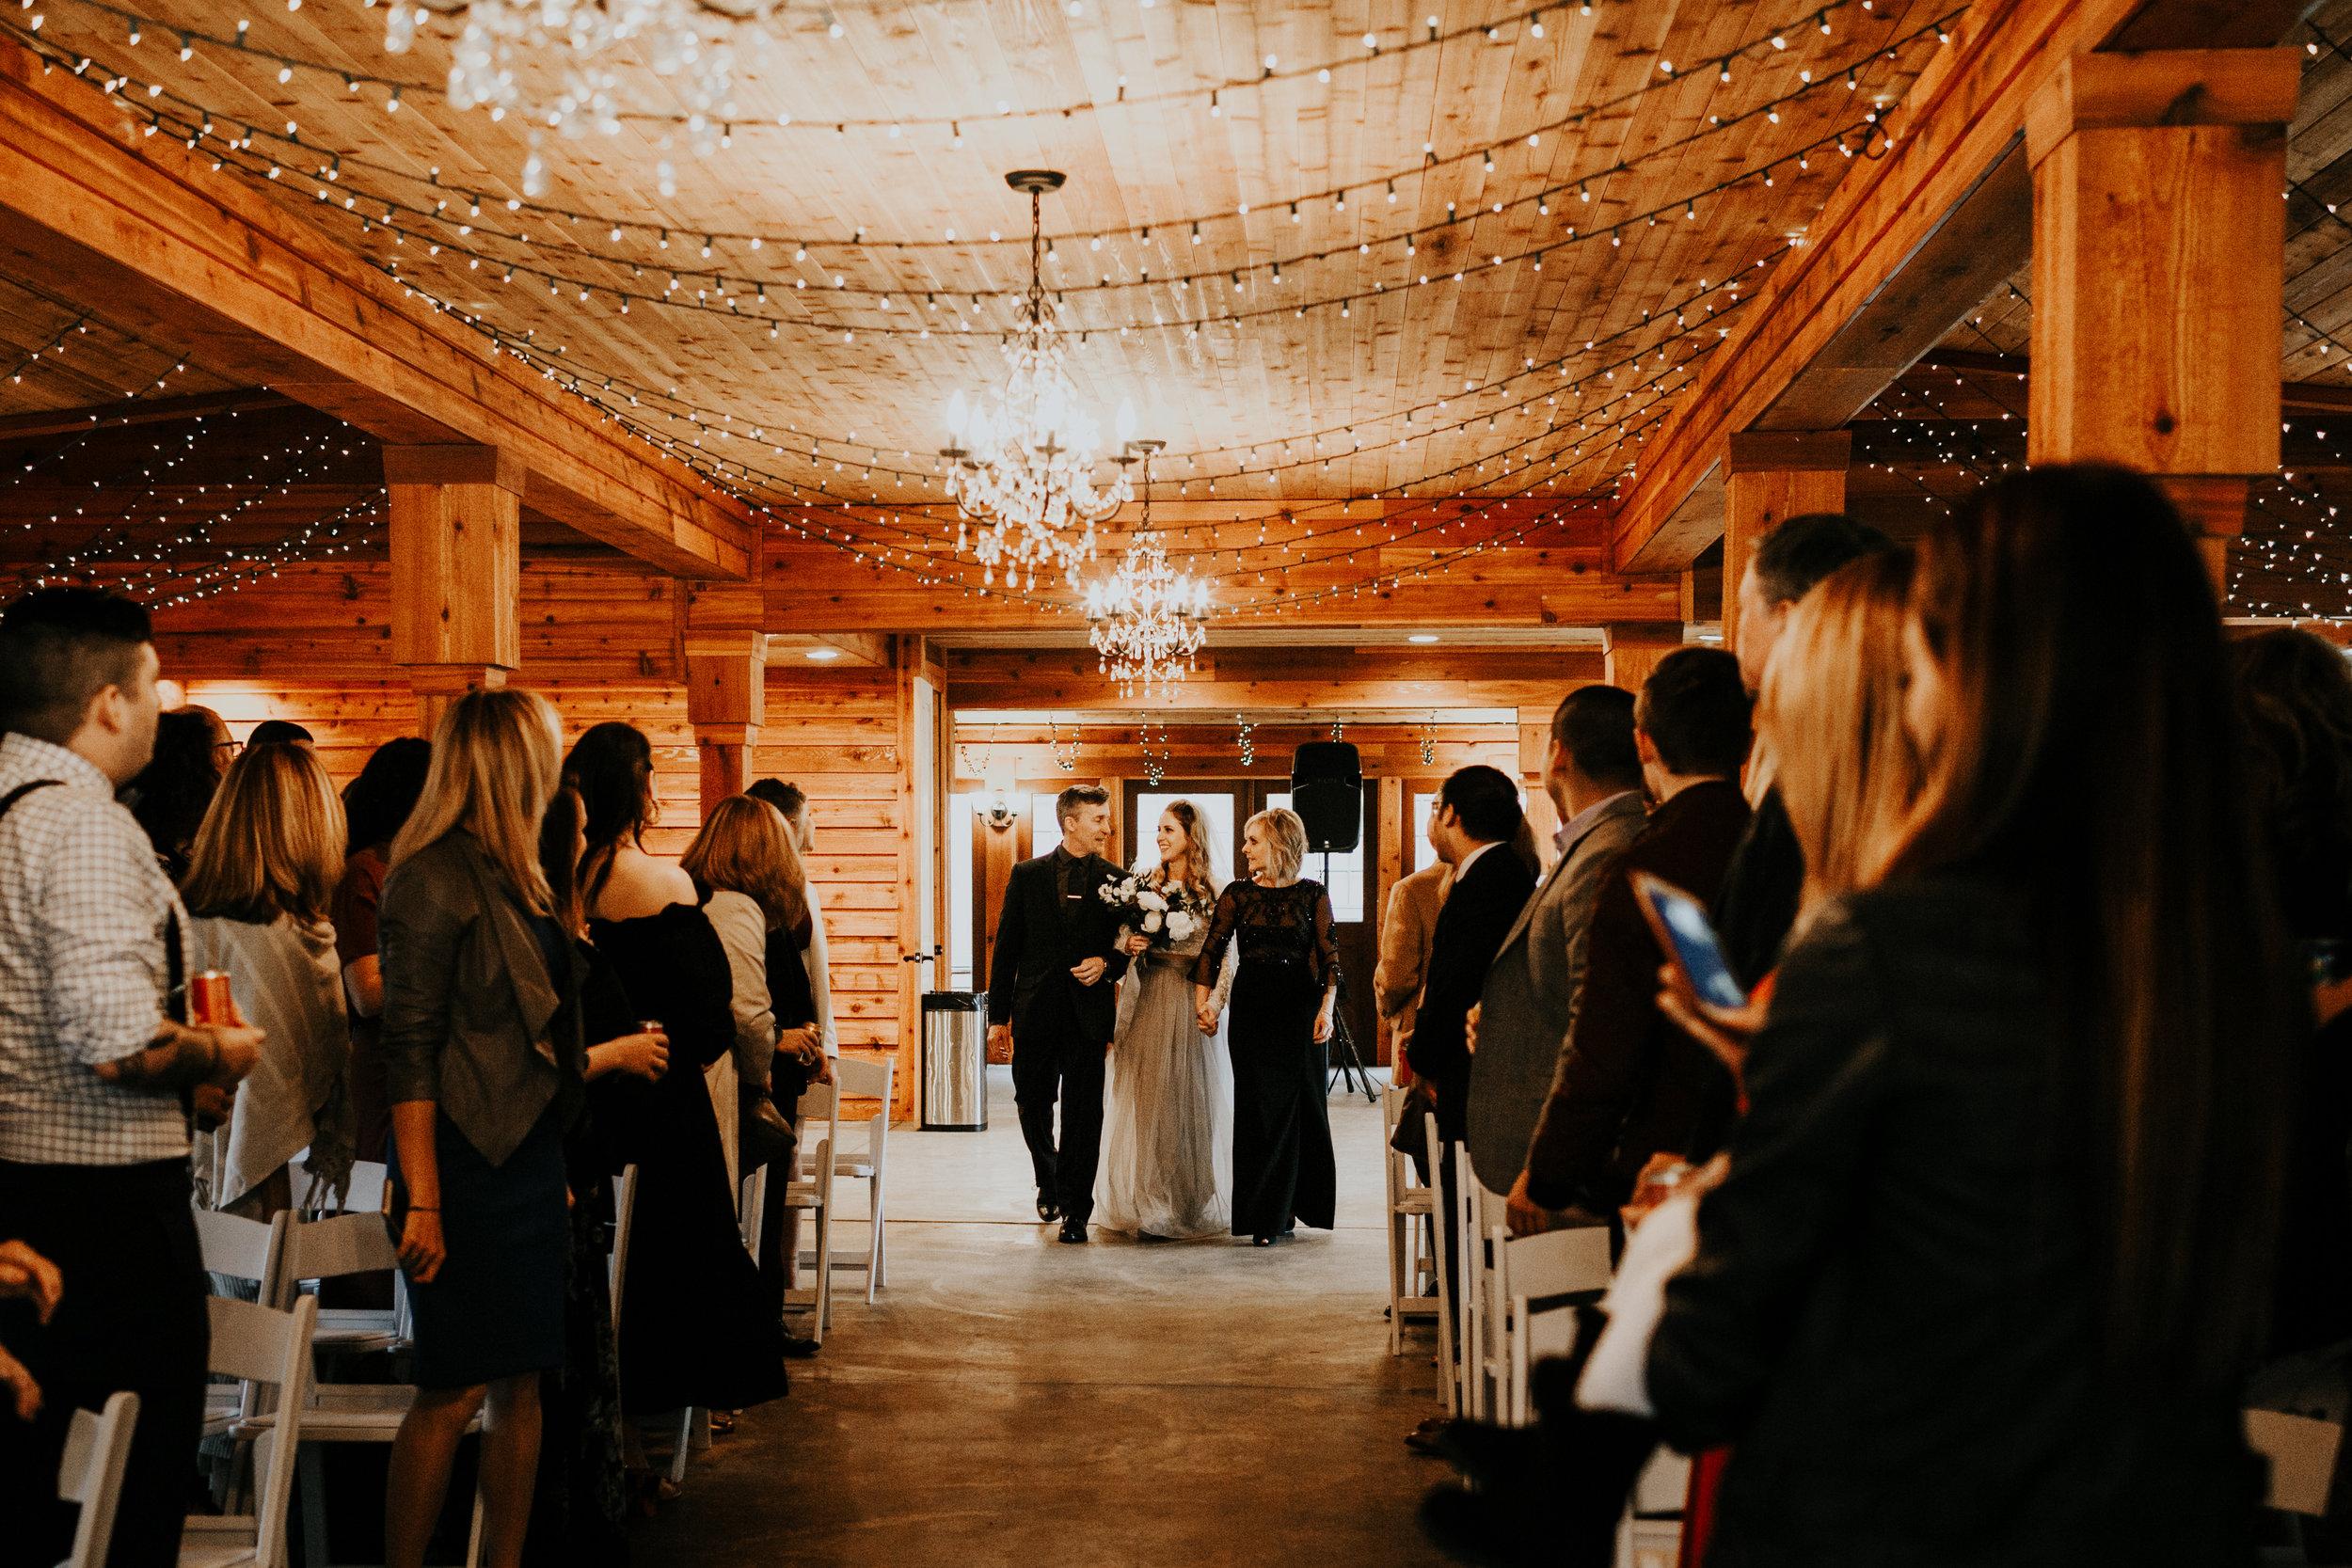 ginapaulson-courtnyandryan-wedding-613.jpg